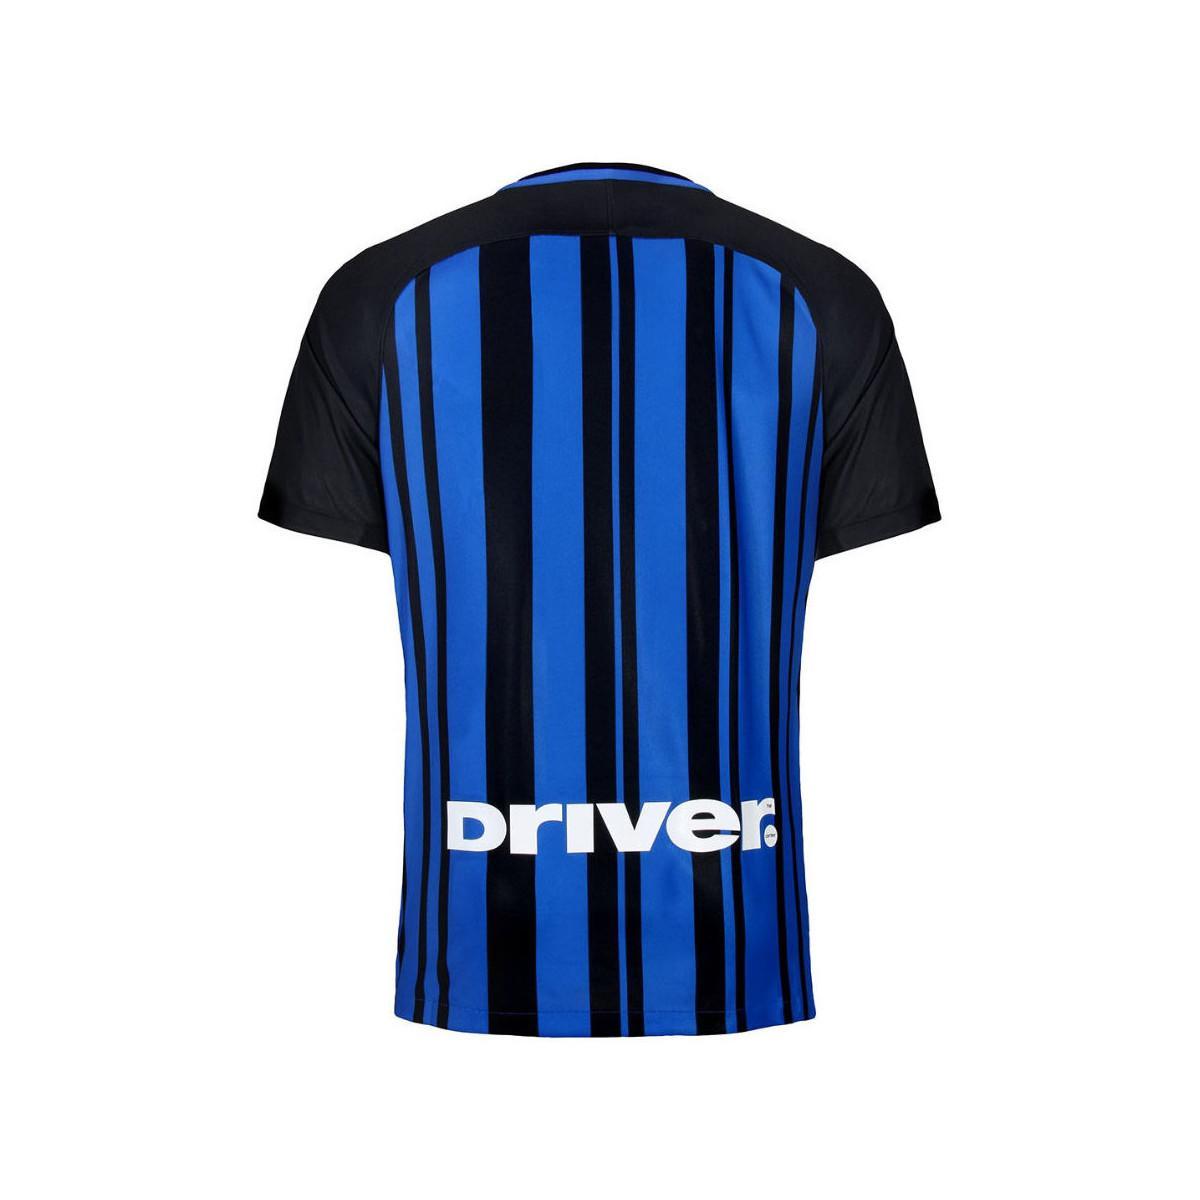 5fe5c7f6a Nike 2017-18 Inter Milan Home Shirt (icardi 9) Women's T Shirt In ...